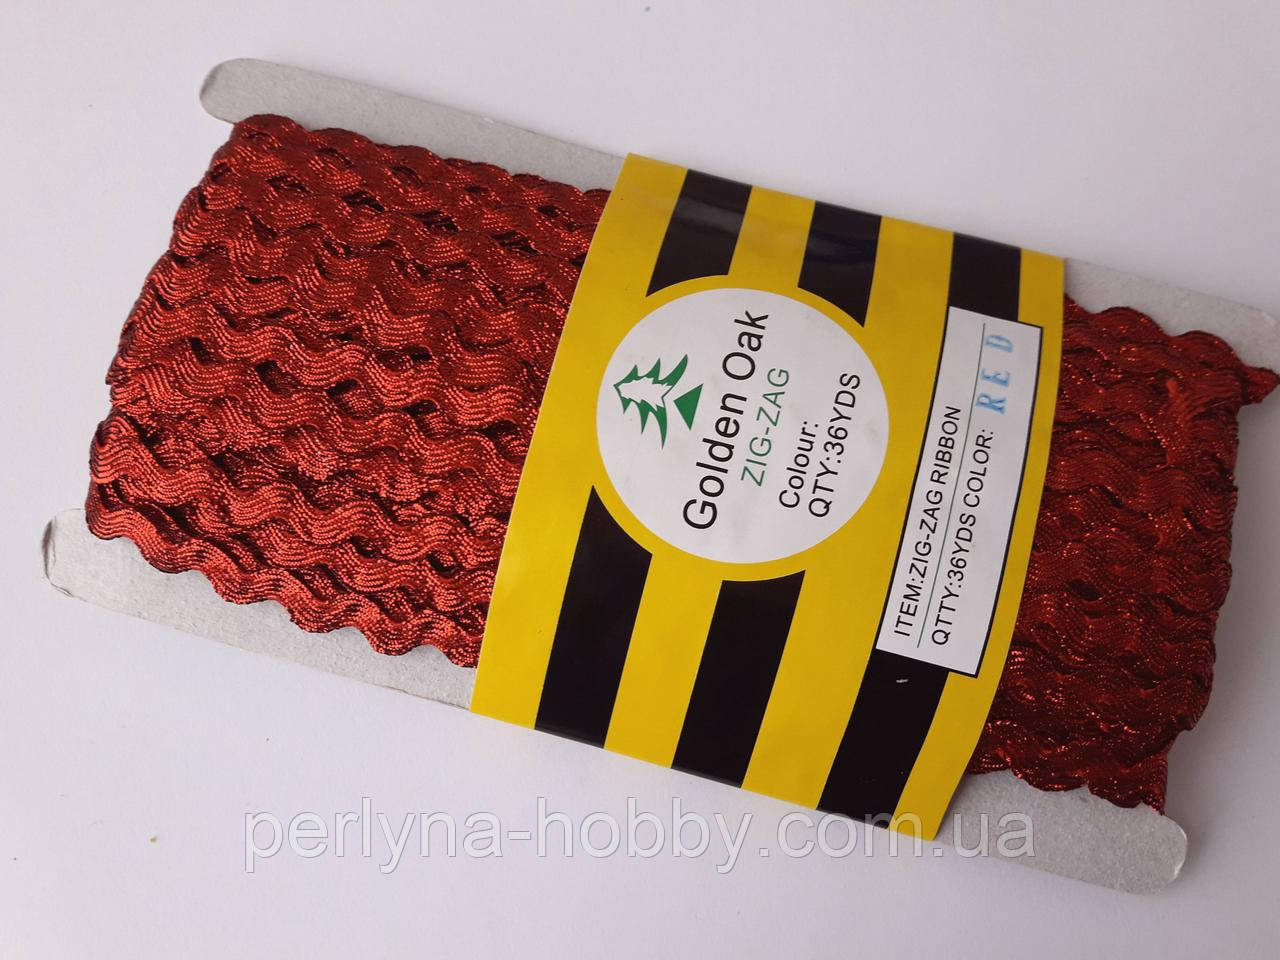 Тесьма зигзаг вьюнок ( зиг-заг )  5-6 мм, Тасьма зигзаг в'юнок, в'юнчик ( 30 метрів) червоний люрексовий